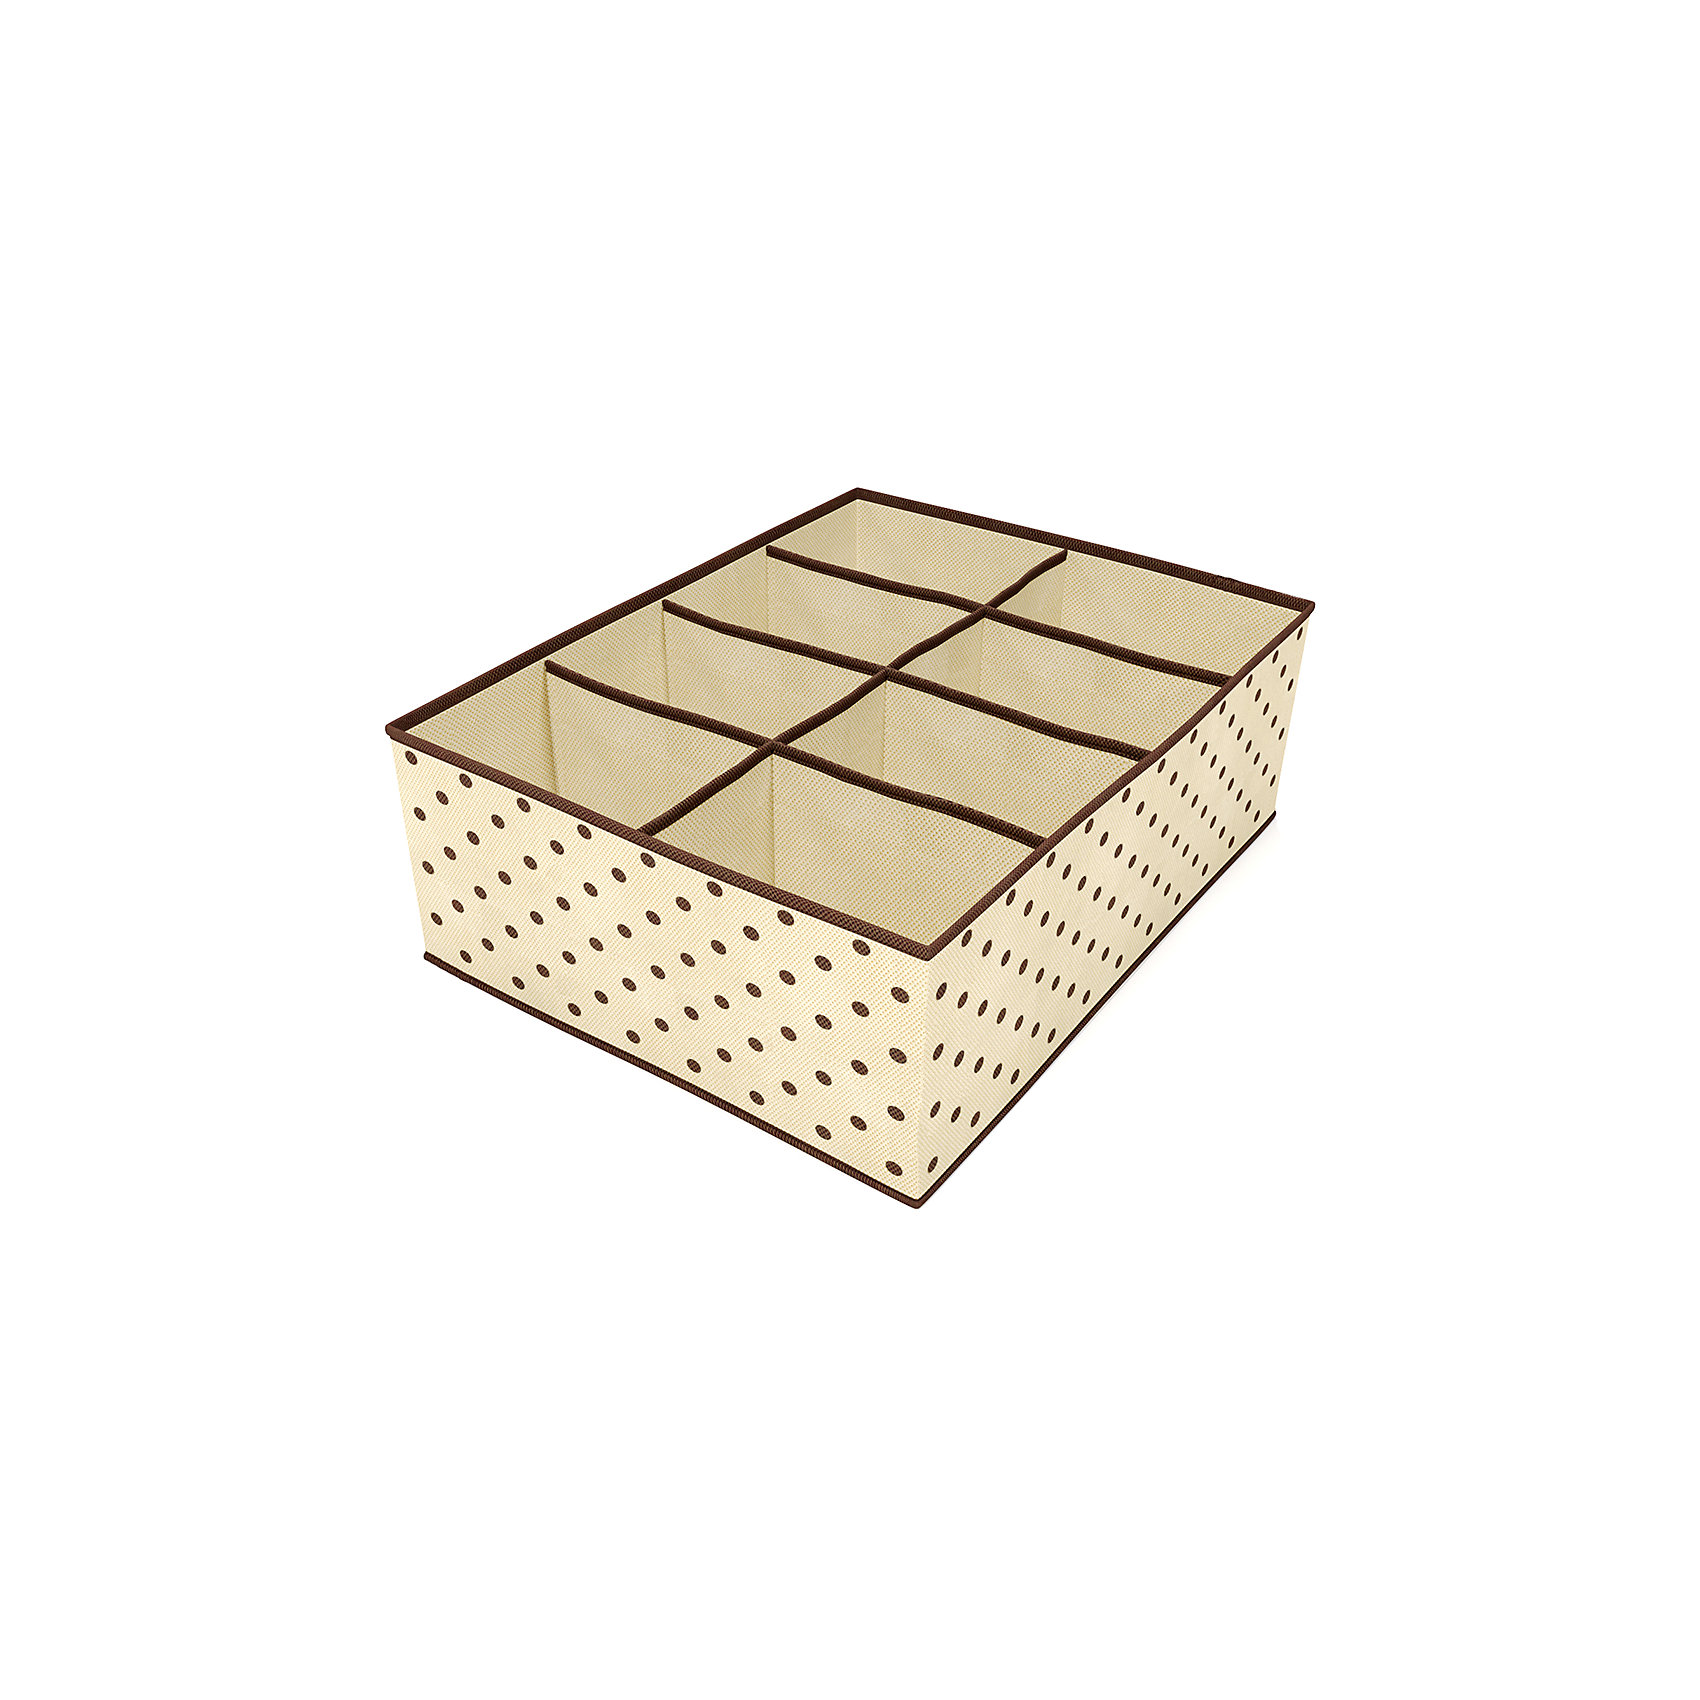 Органайзер для шарфов, ремней, галстуков (8 ячеек), HomsuОрганайзеры для одежды<br>Характеристики товара:<br><br>• цвет: бежевый<br>• материал: полиэстер, картон<br>• размер: 31х24х11 см<br>• вес: 100 г<br>• легкий прочный каркас<br>• обеспечивает естественную вентиляцию<br>• вместимость: 8 отделений<br>• страна бренда: Россия<br>• страна изготовитель: Китай<br><br>Органайзер для шарфов, ремней, галстуков (8 ячеек) от бренда Homsu (Хомсу) - очень удобная вещь для хранения вещей и эргономичной организации пространства.<br><br>Предмет легкий, устойчивый, вместительный, обеспечивает естественную вентиляцию.<br><br>Органайзер для шарфов, ремней, галстуков (8 ячеек), Homsu можно купить в нашем интернет-магазине.<br><br>Ширина мм: 530<br>Глубина мм: 110<br>Высота мм: 20<br>Вес г: 100<br>Возраст от месяцев: 216<br>Возраст до месяцев: 1188<br>Пол: Унисекс<br>Возраст: Детский<br>SKU: 5620101